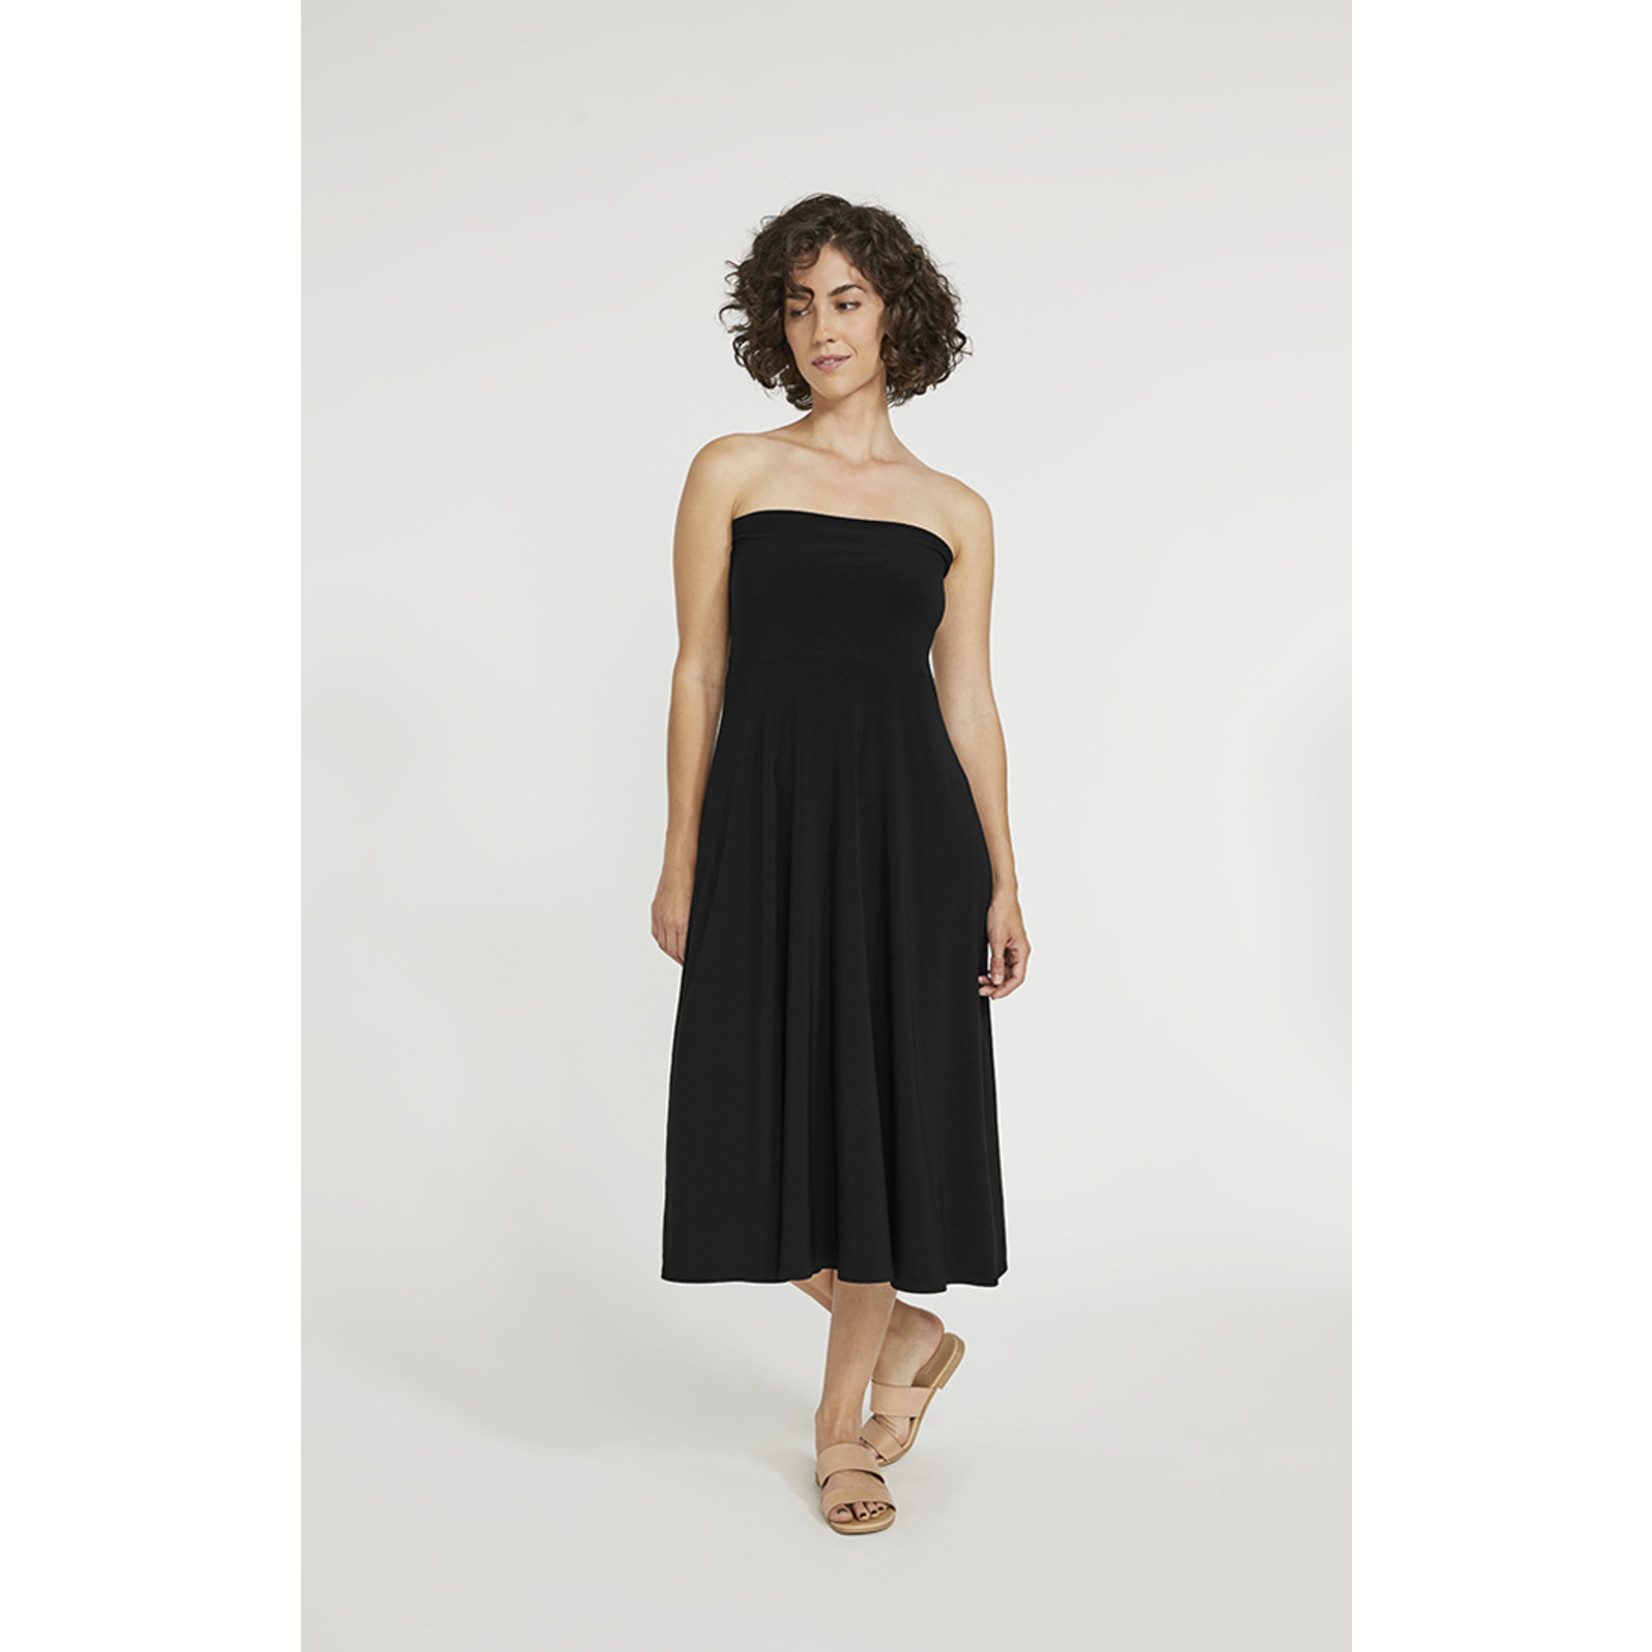 Sympli Sympli A-Line Jersey Skirt/Dress